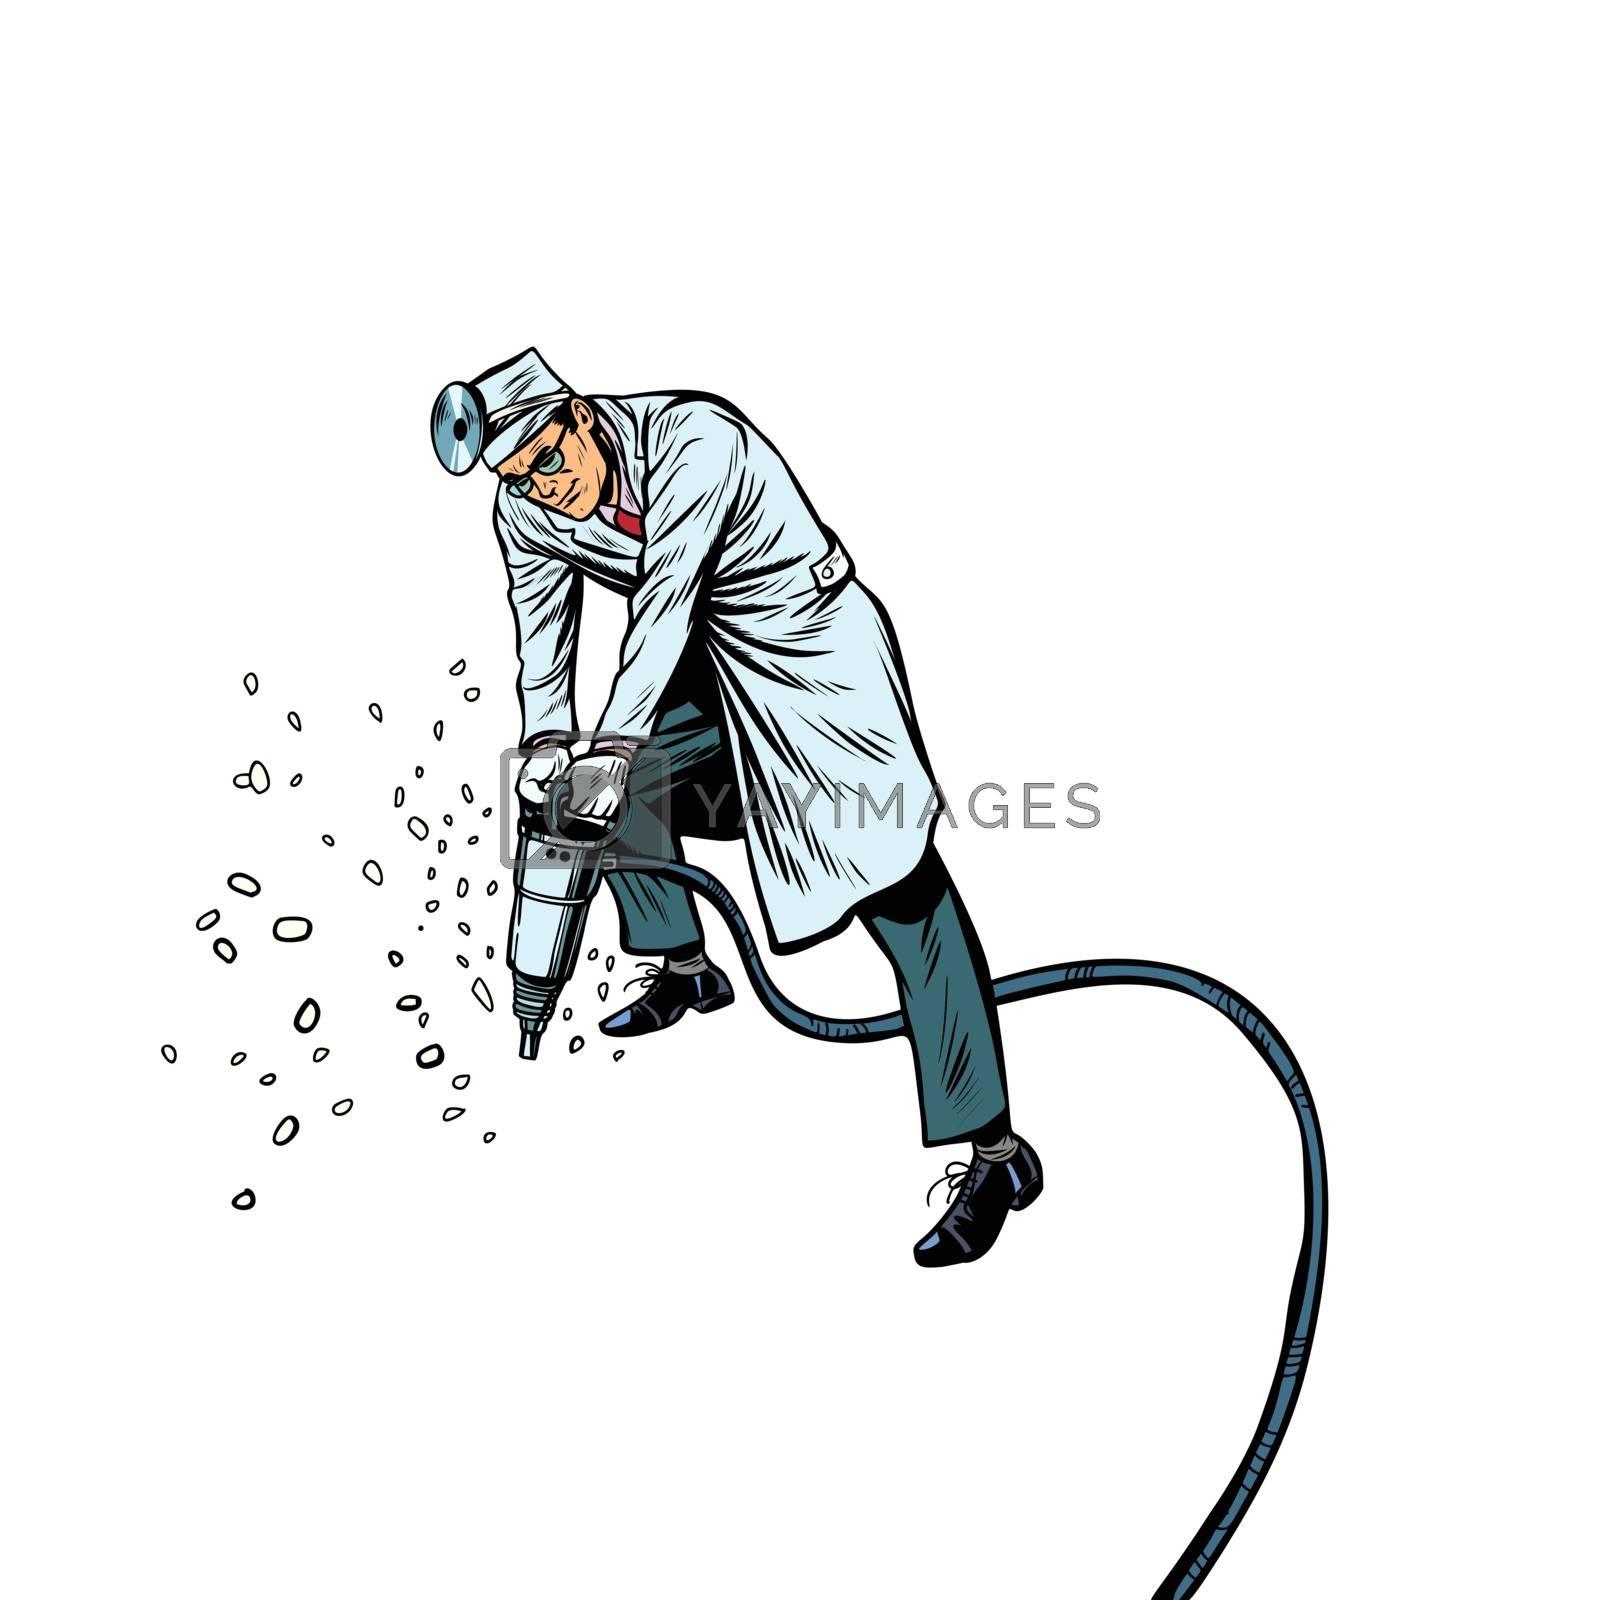 Dentist drills teeth. Pop art retro vector illustration kitsch vintage